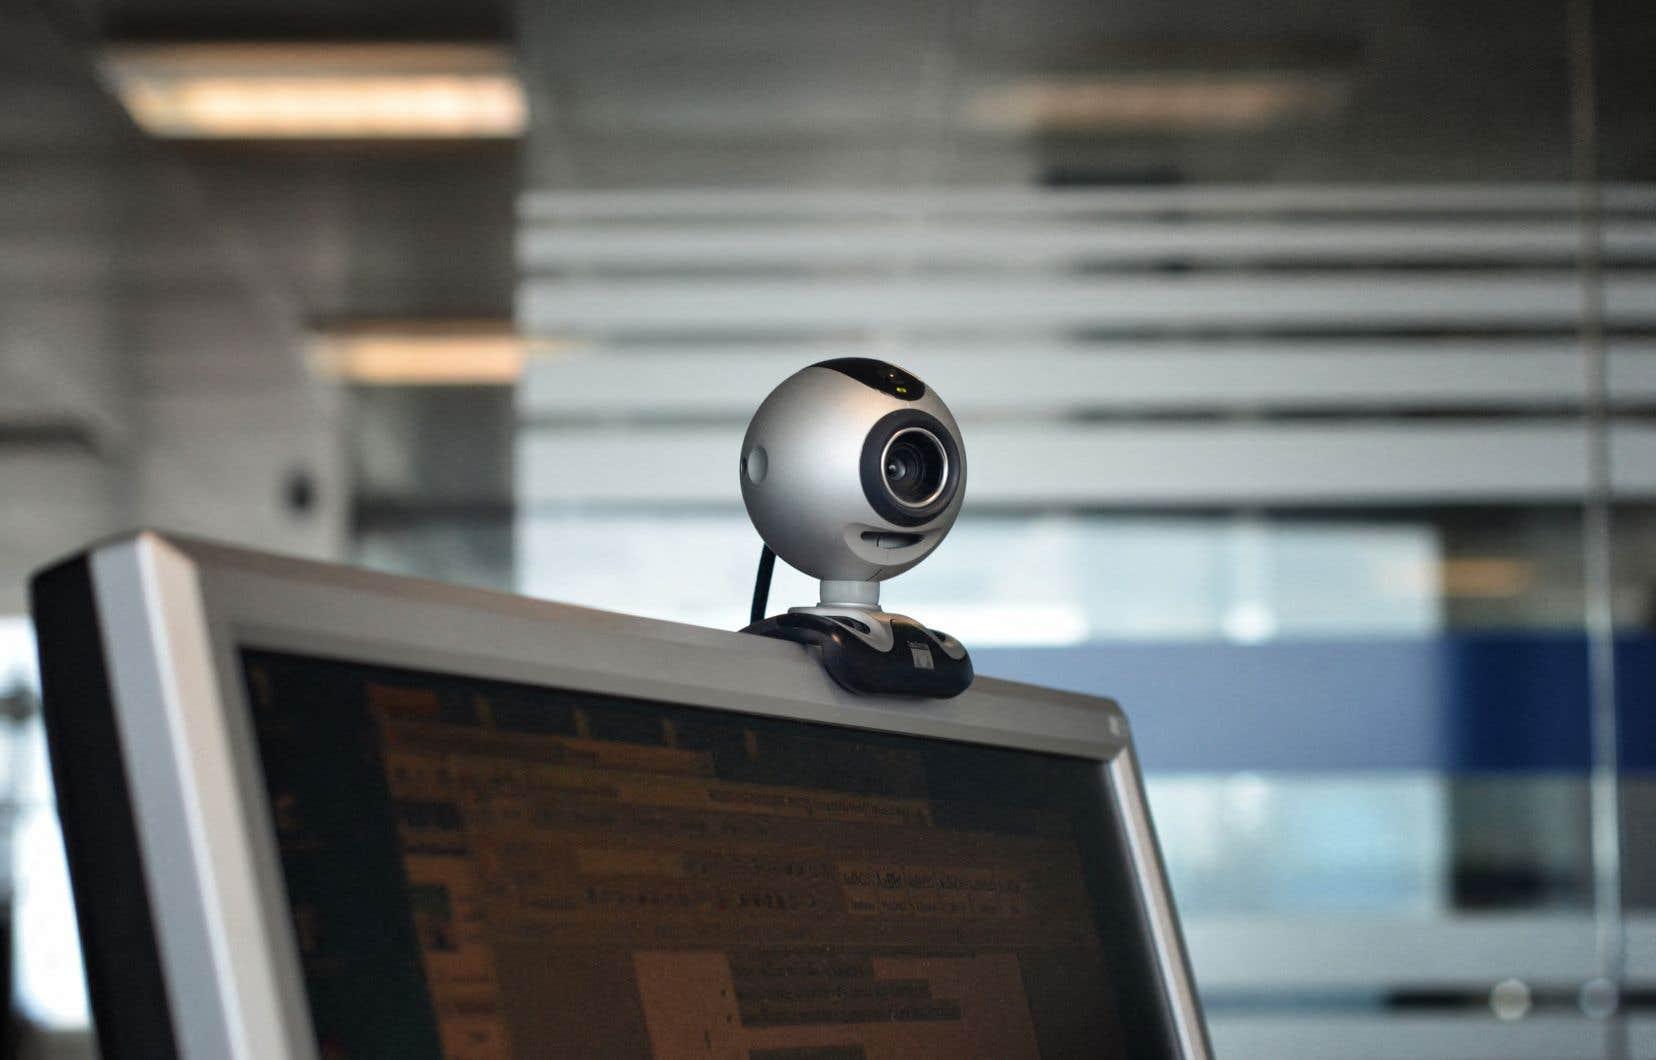 En pleine période de questions à la Chambre des communes mercredi, le député de Pontiac, William Amos, est apparu en tenu d'Adam à l'écran, ignorant visiblement que la caméra de son ordinateur était activée.